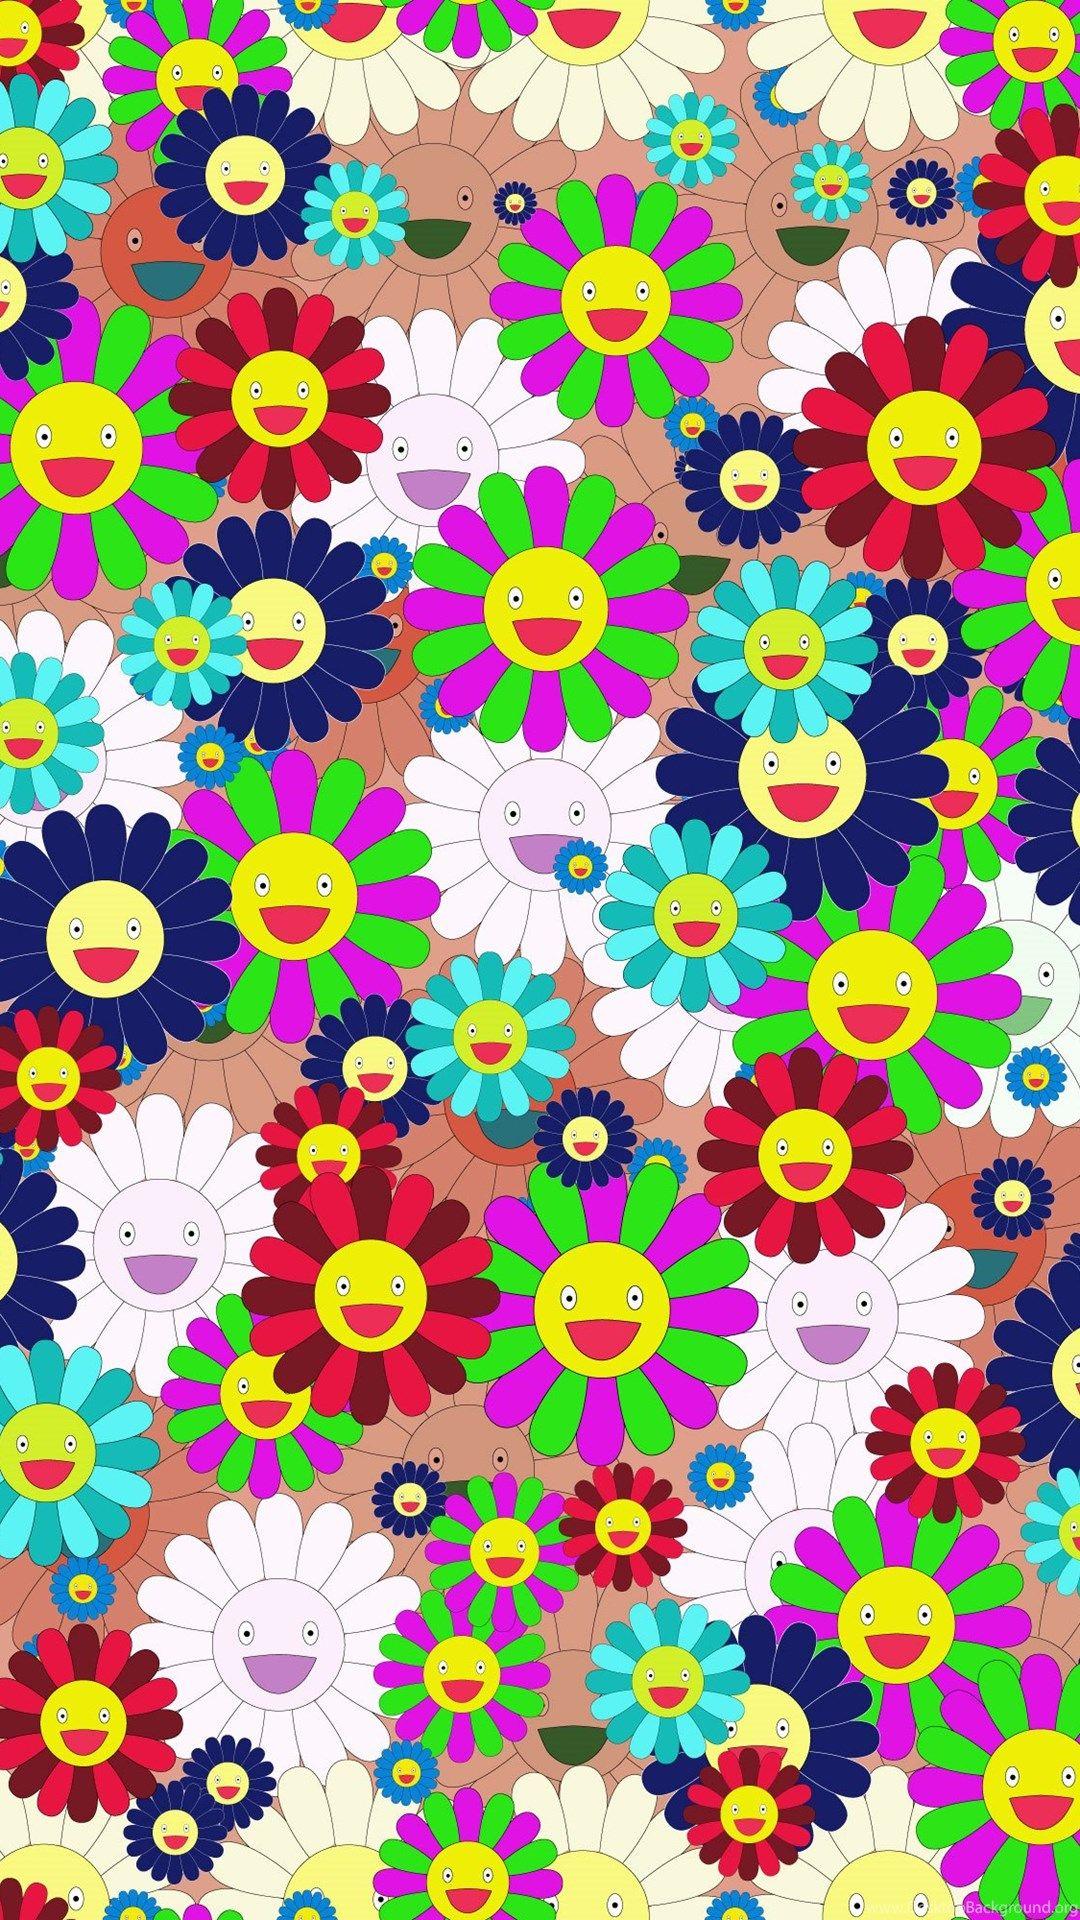 Takashi Murakami iPhone 5s wallpaper